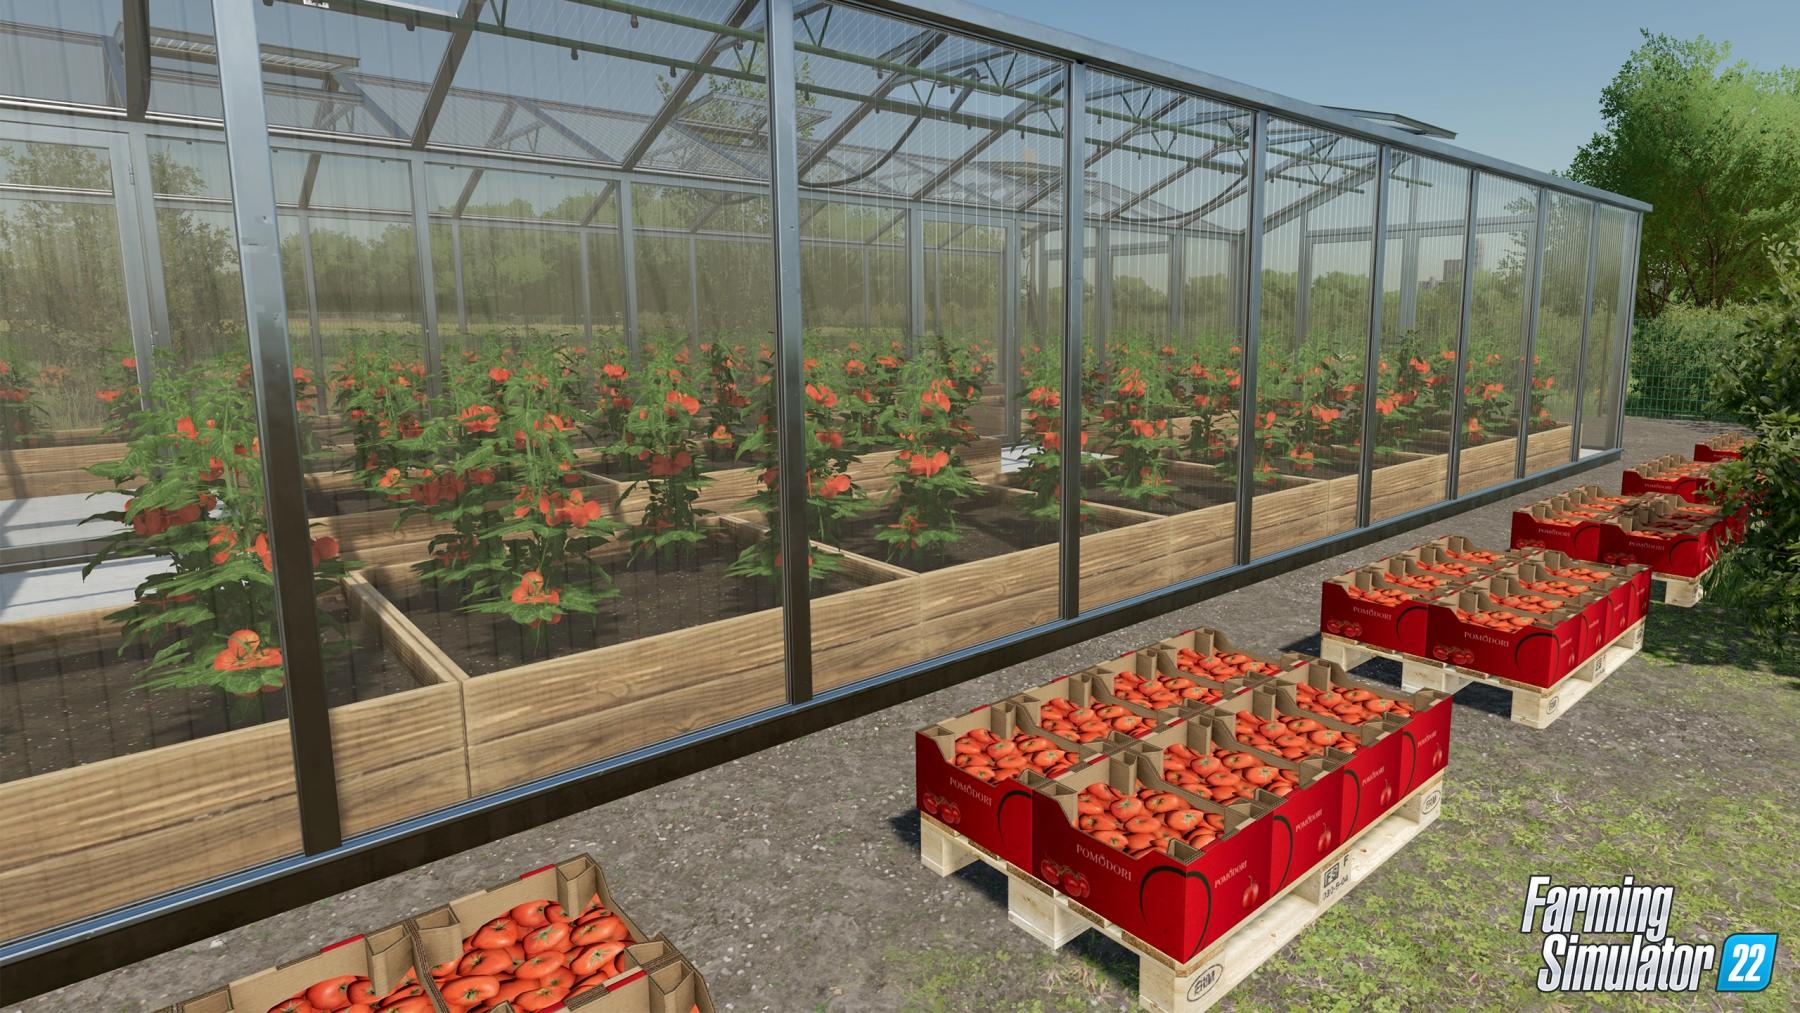 fs22-greenhouses-outsidetomatoes_en